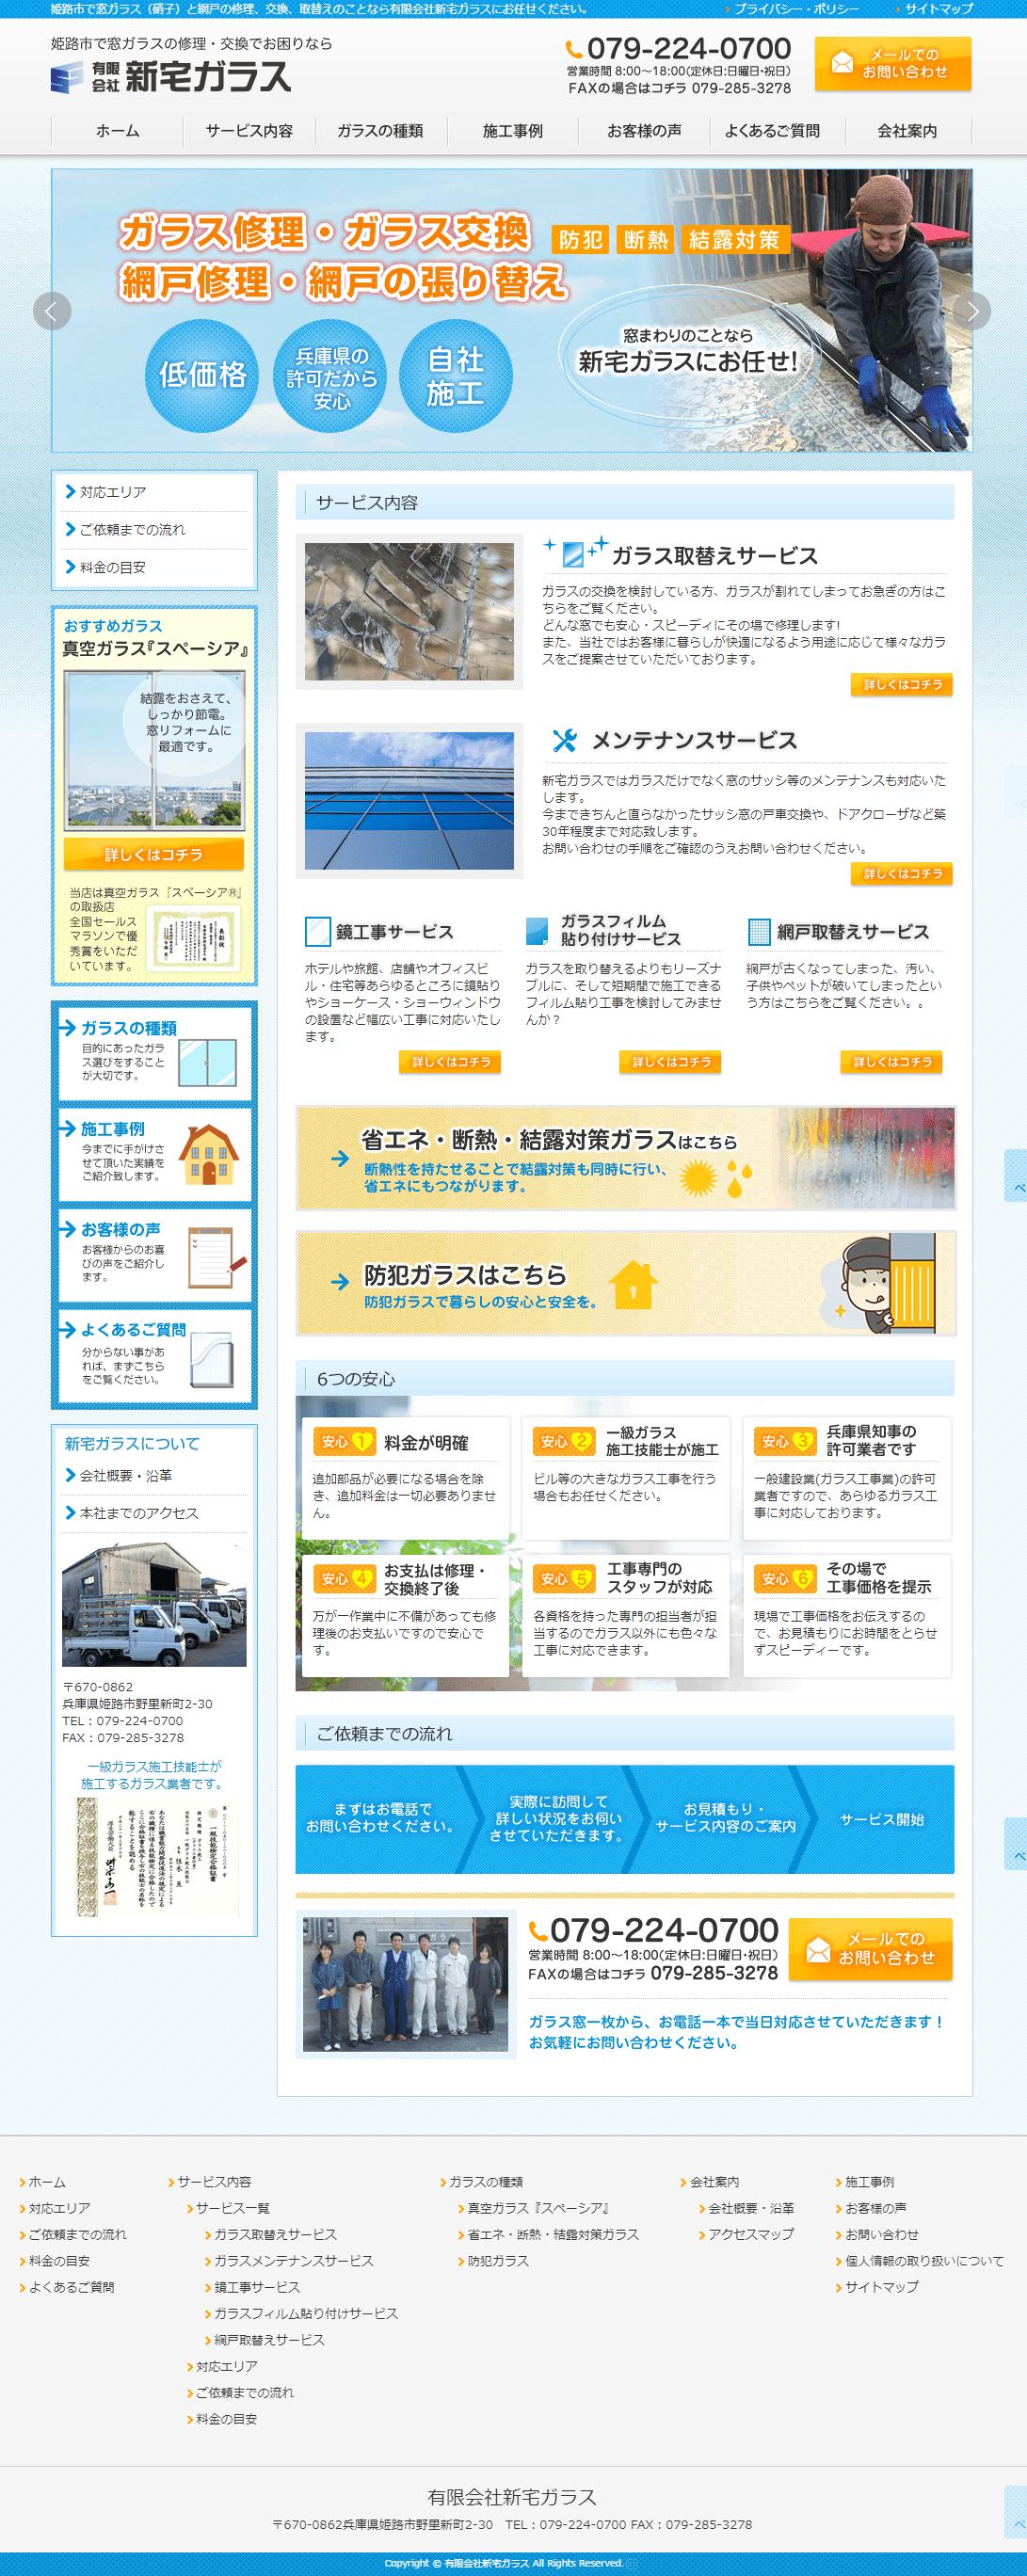 姫路市 有限会社 新宅ガラス様 ホームページ制作1